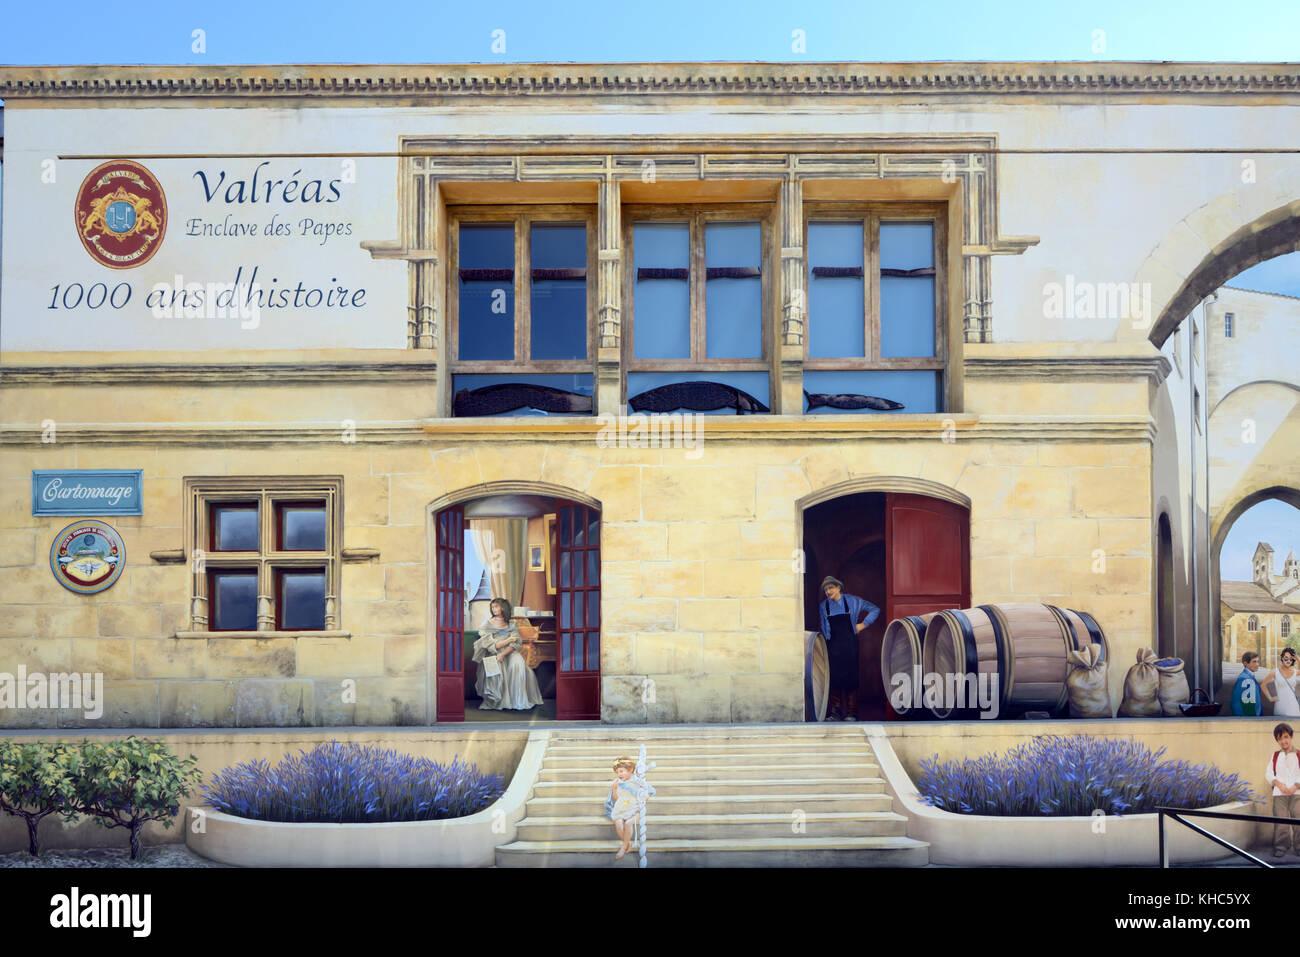 Trompe l'oeil de pintura mural, el antiguo edificio de la estación de ferrocarril, mostrando barriles de Imagen De Stock